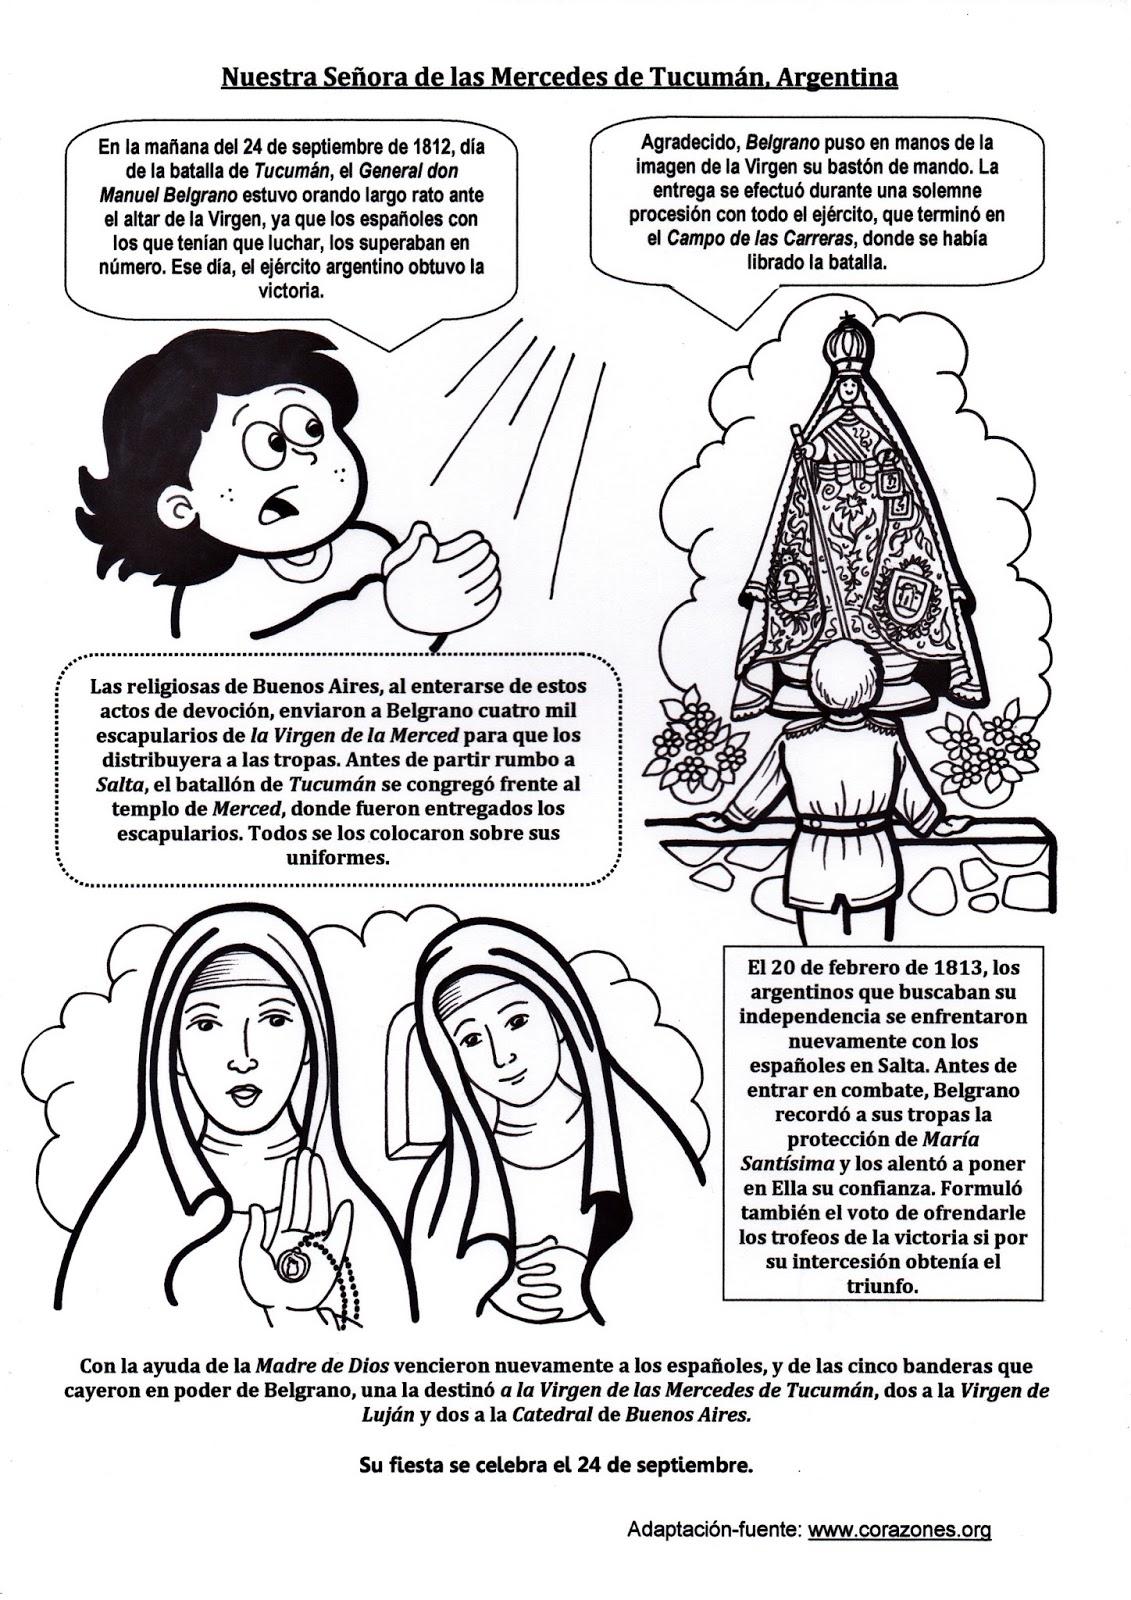 El Rincón de las Melli: Nuestra Señora de las Mercedes de Tucumán ...